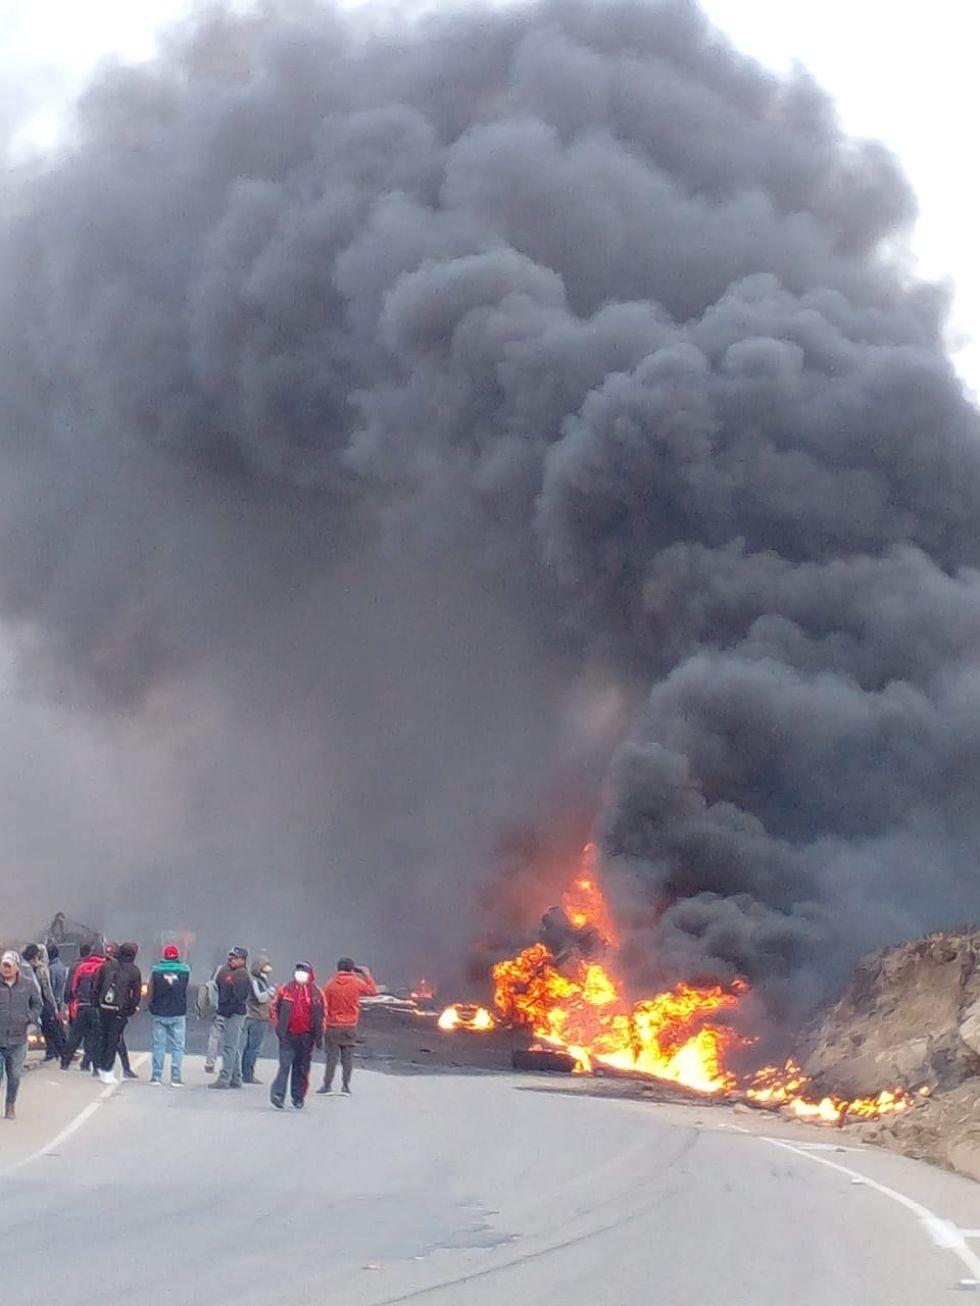 Una columna de humo gigante ascendió en el lugar del accidente.